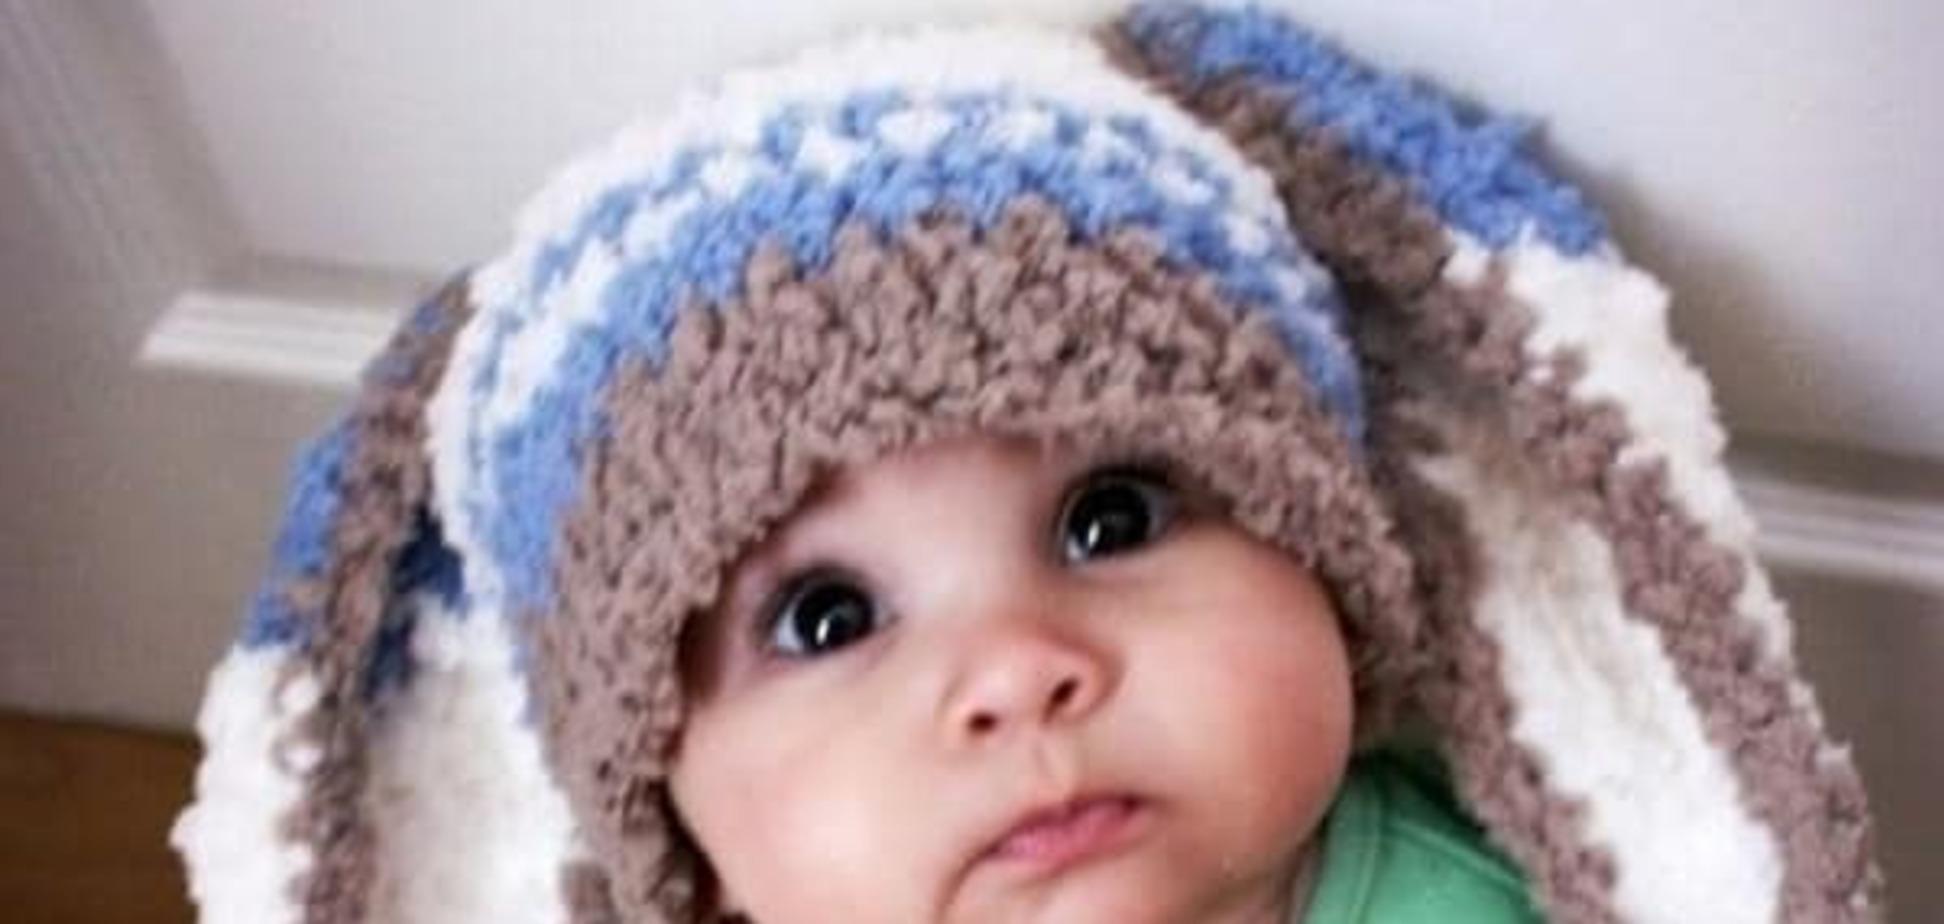 Бабушка связала: смешные фото малышей в шапочках